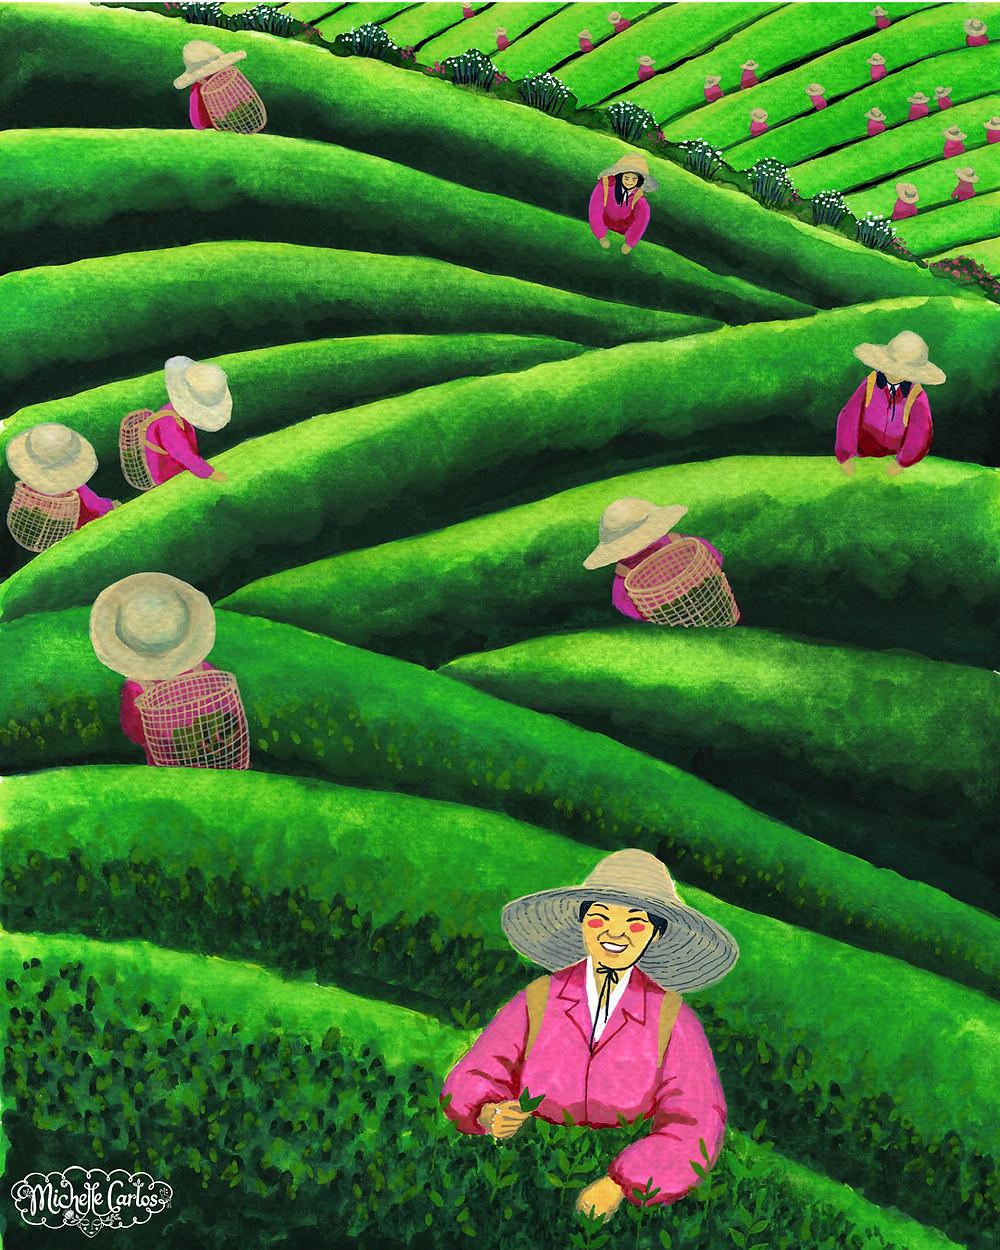 Tea farmers harvesting tea